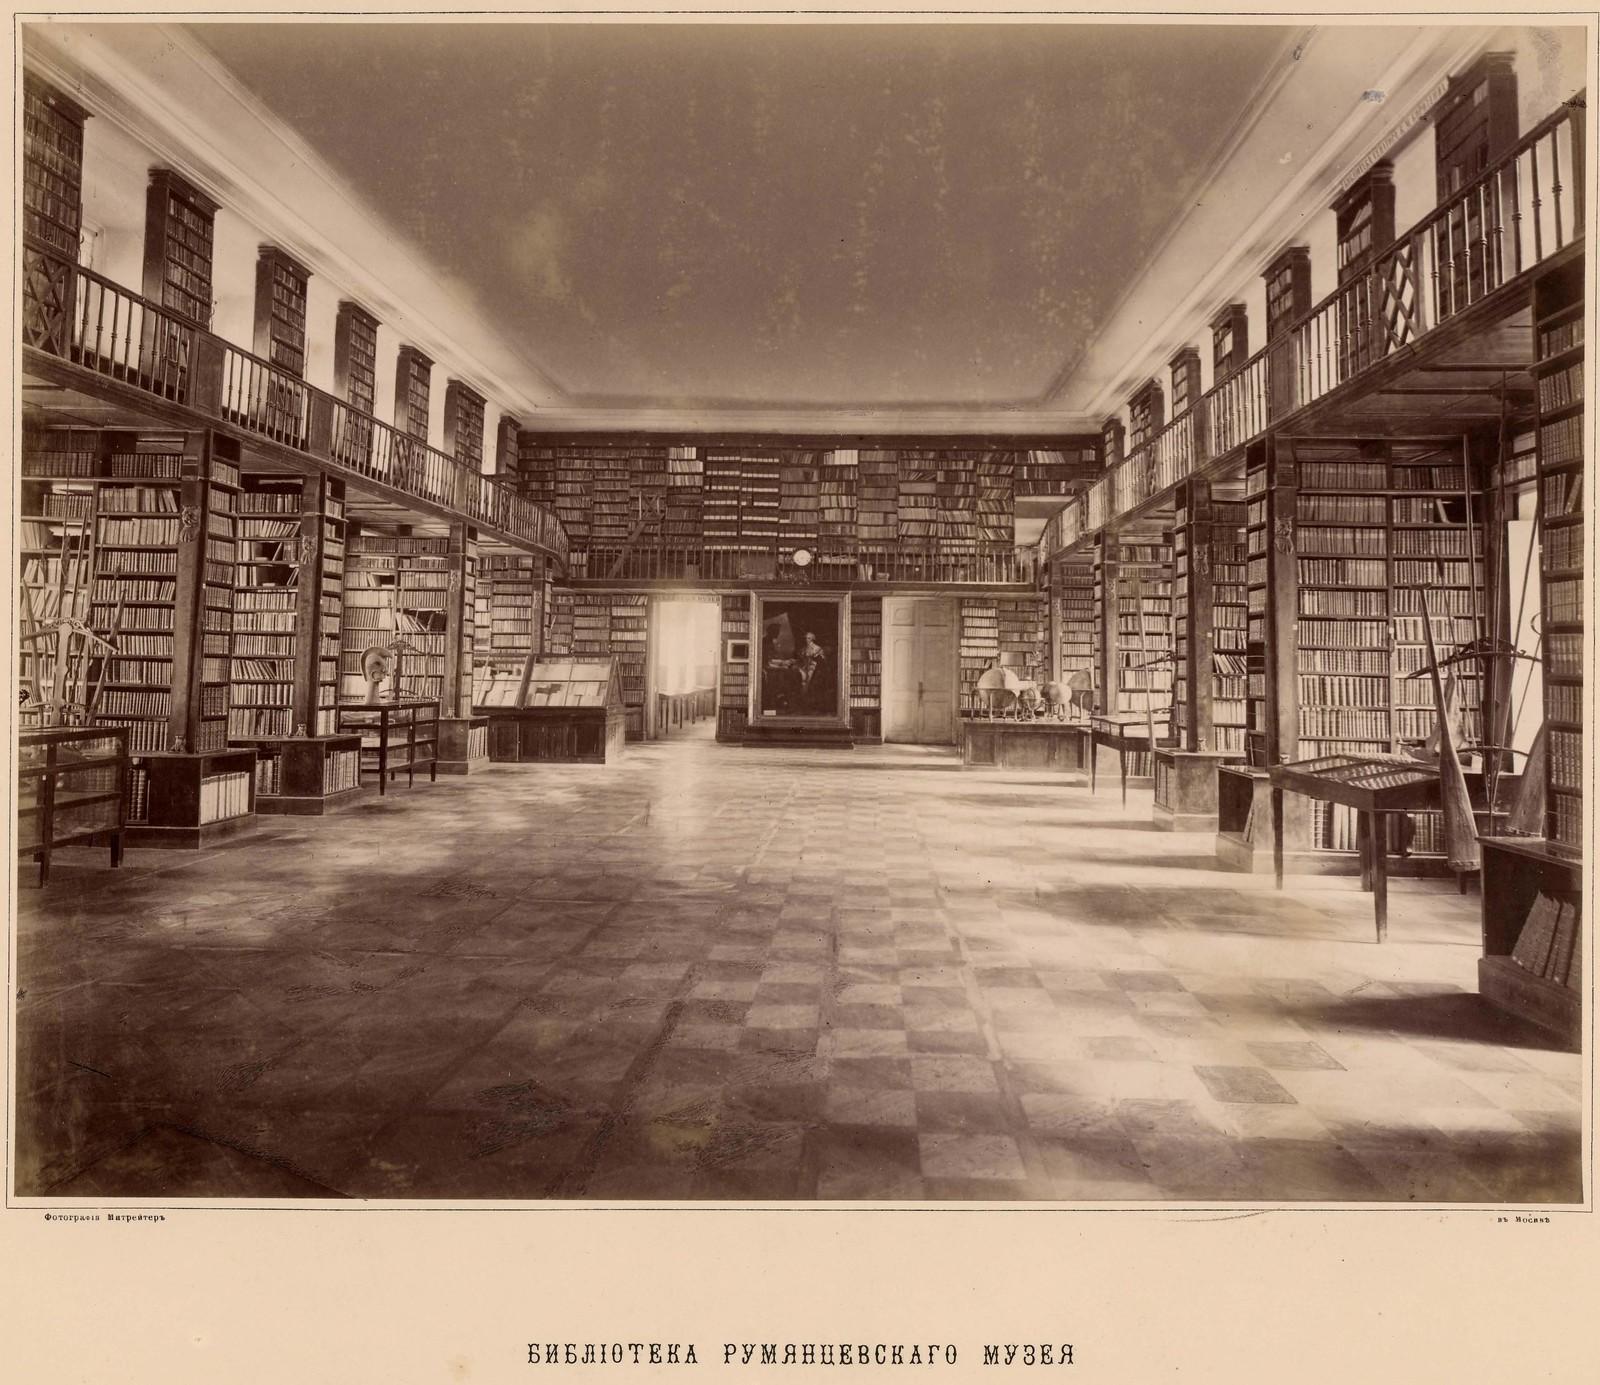 04. Библиотека Румянцевского музея